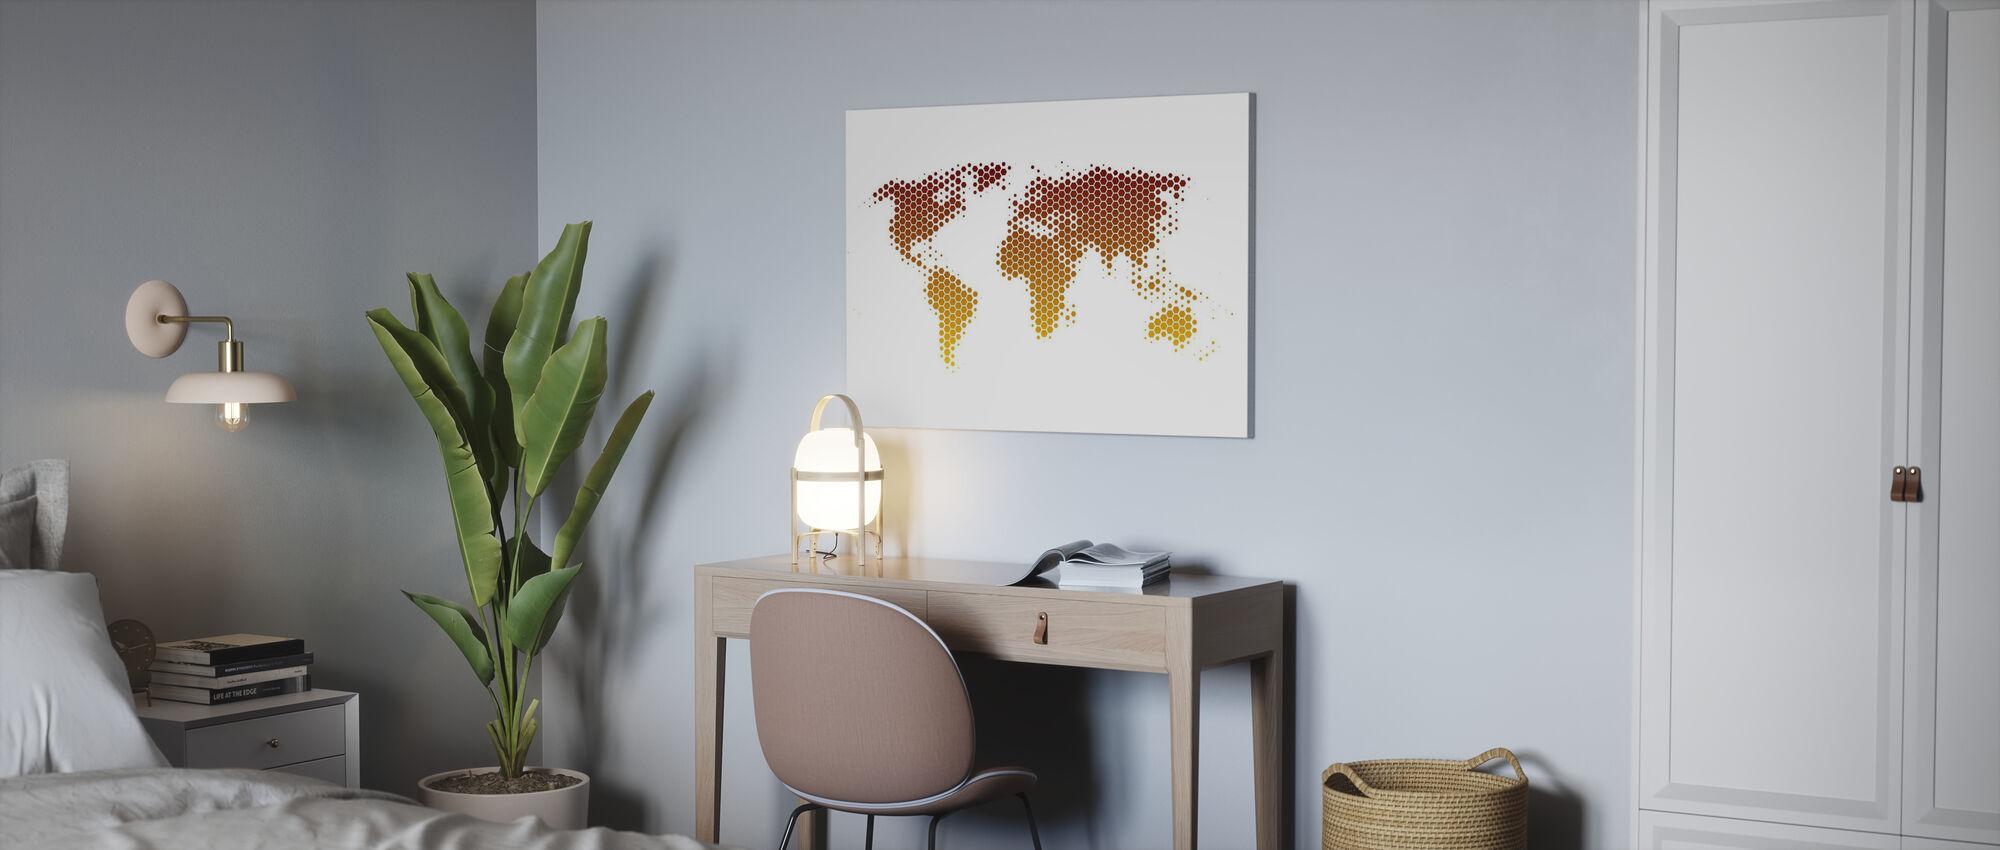 Världskarta metallplåt - Canvastavla - Kontor